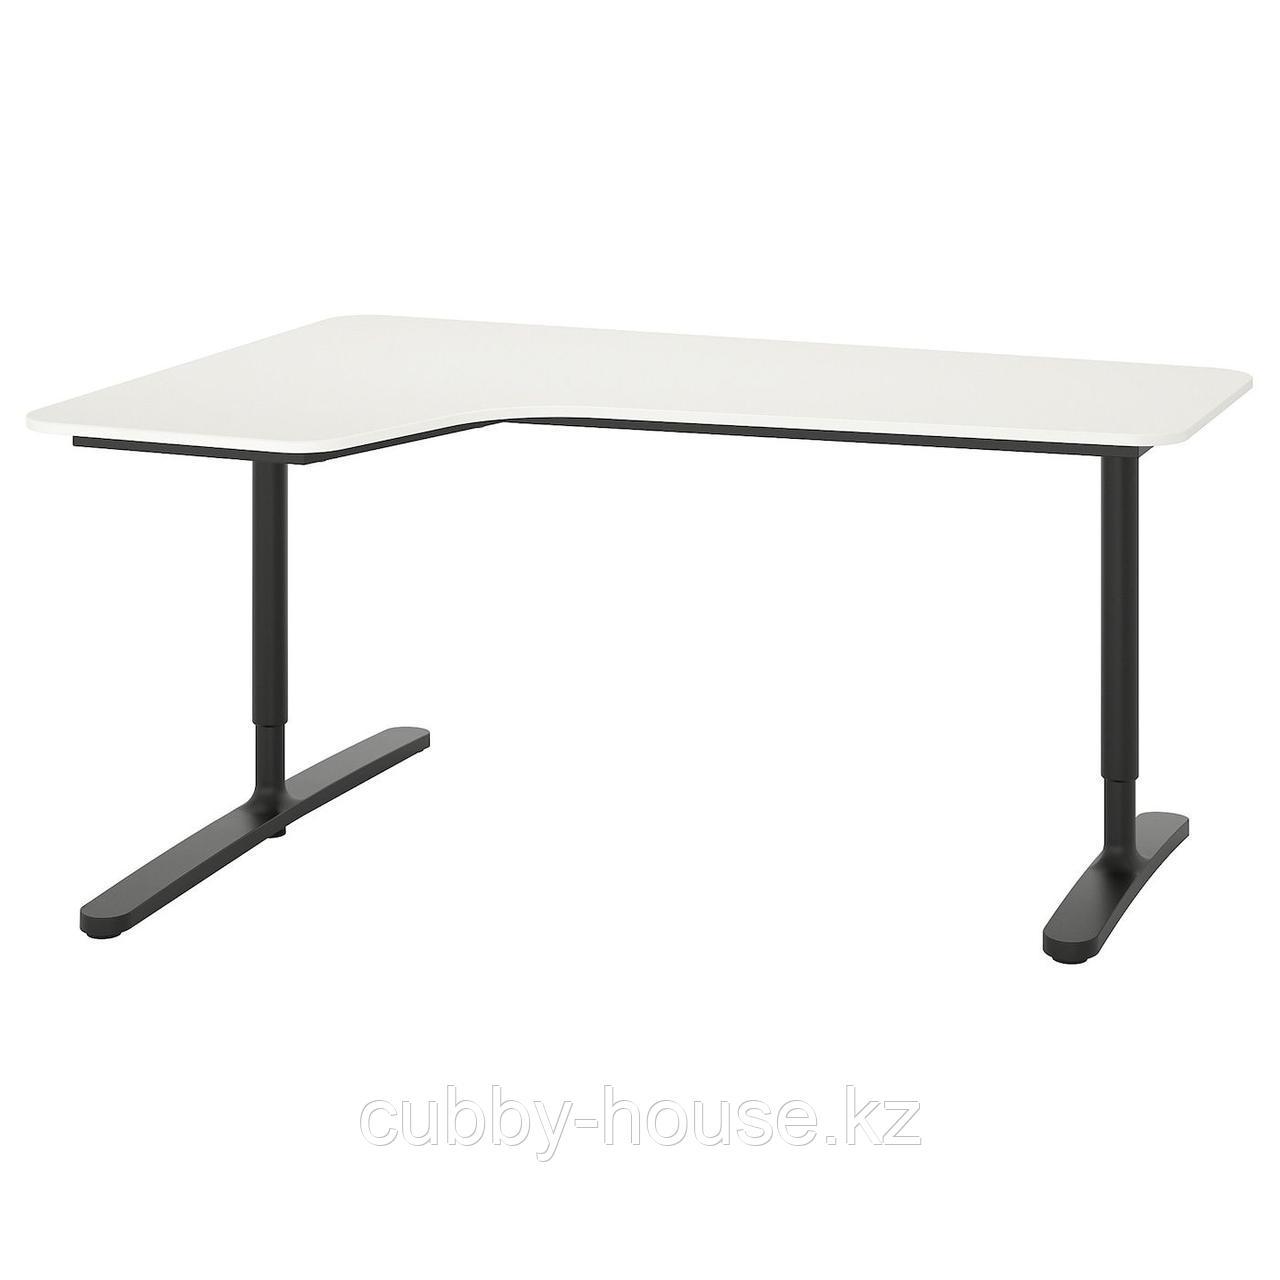 БЕКАНТ Углов письм стол левый, ясеневый шпон/черная морилка, белый, 160x110 см